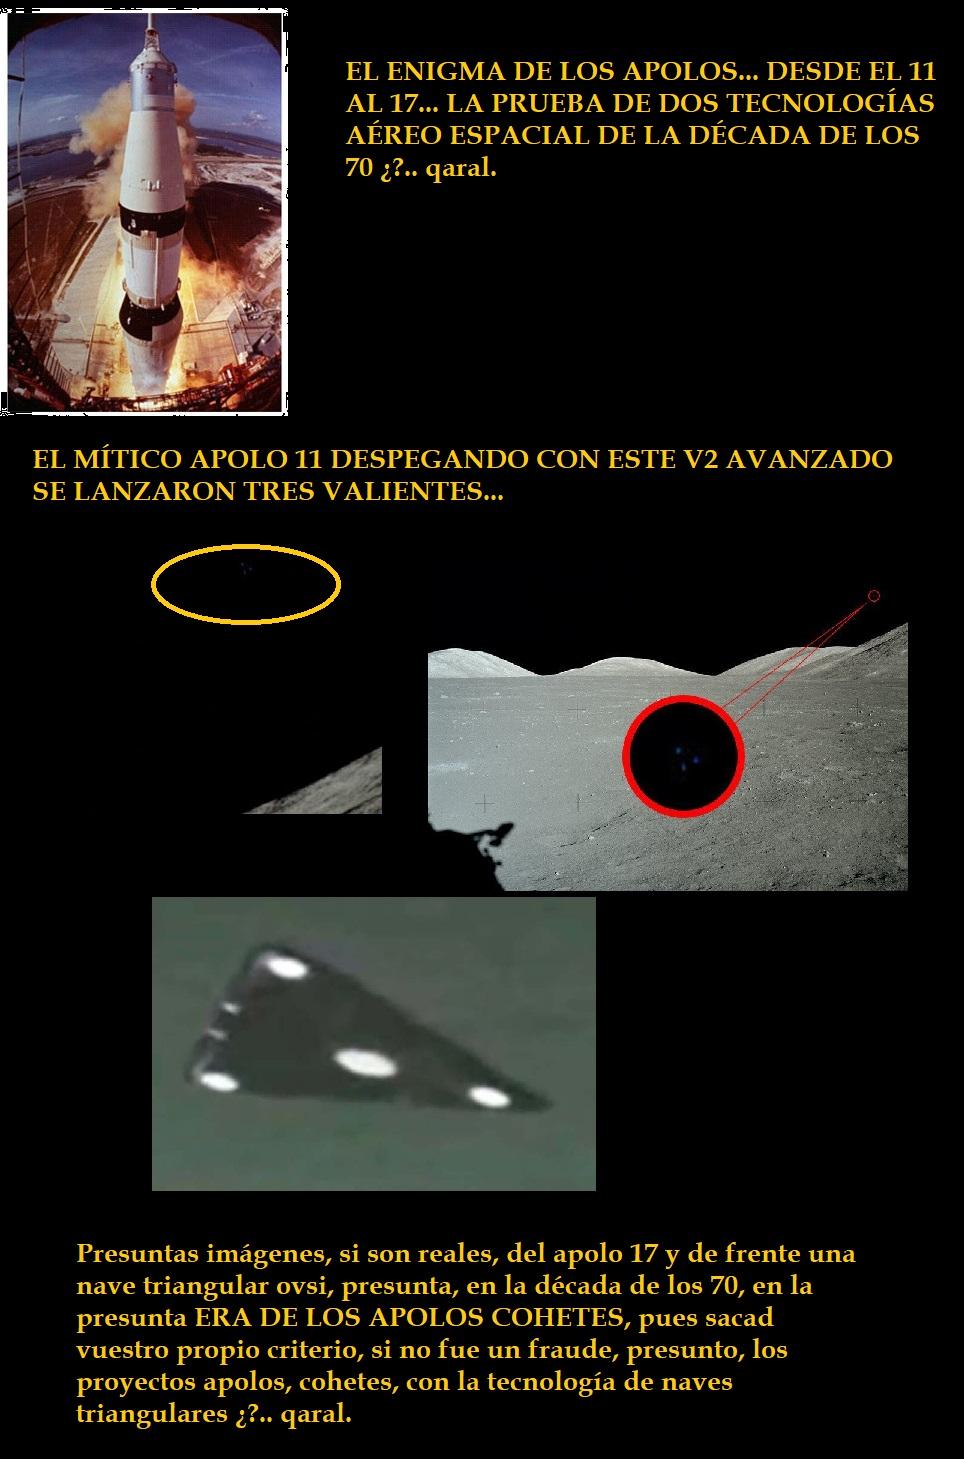 BUSCARLO, POR FAVOR, CUANDO LEAS EL COMENTARIO... 38-79710